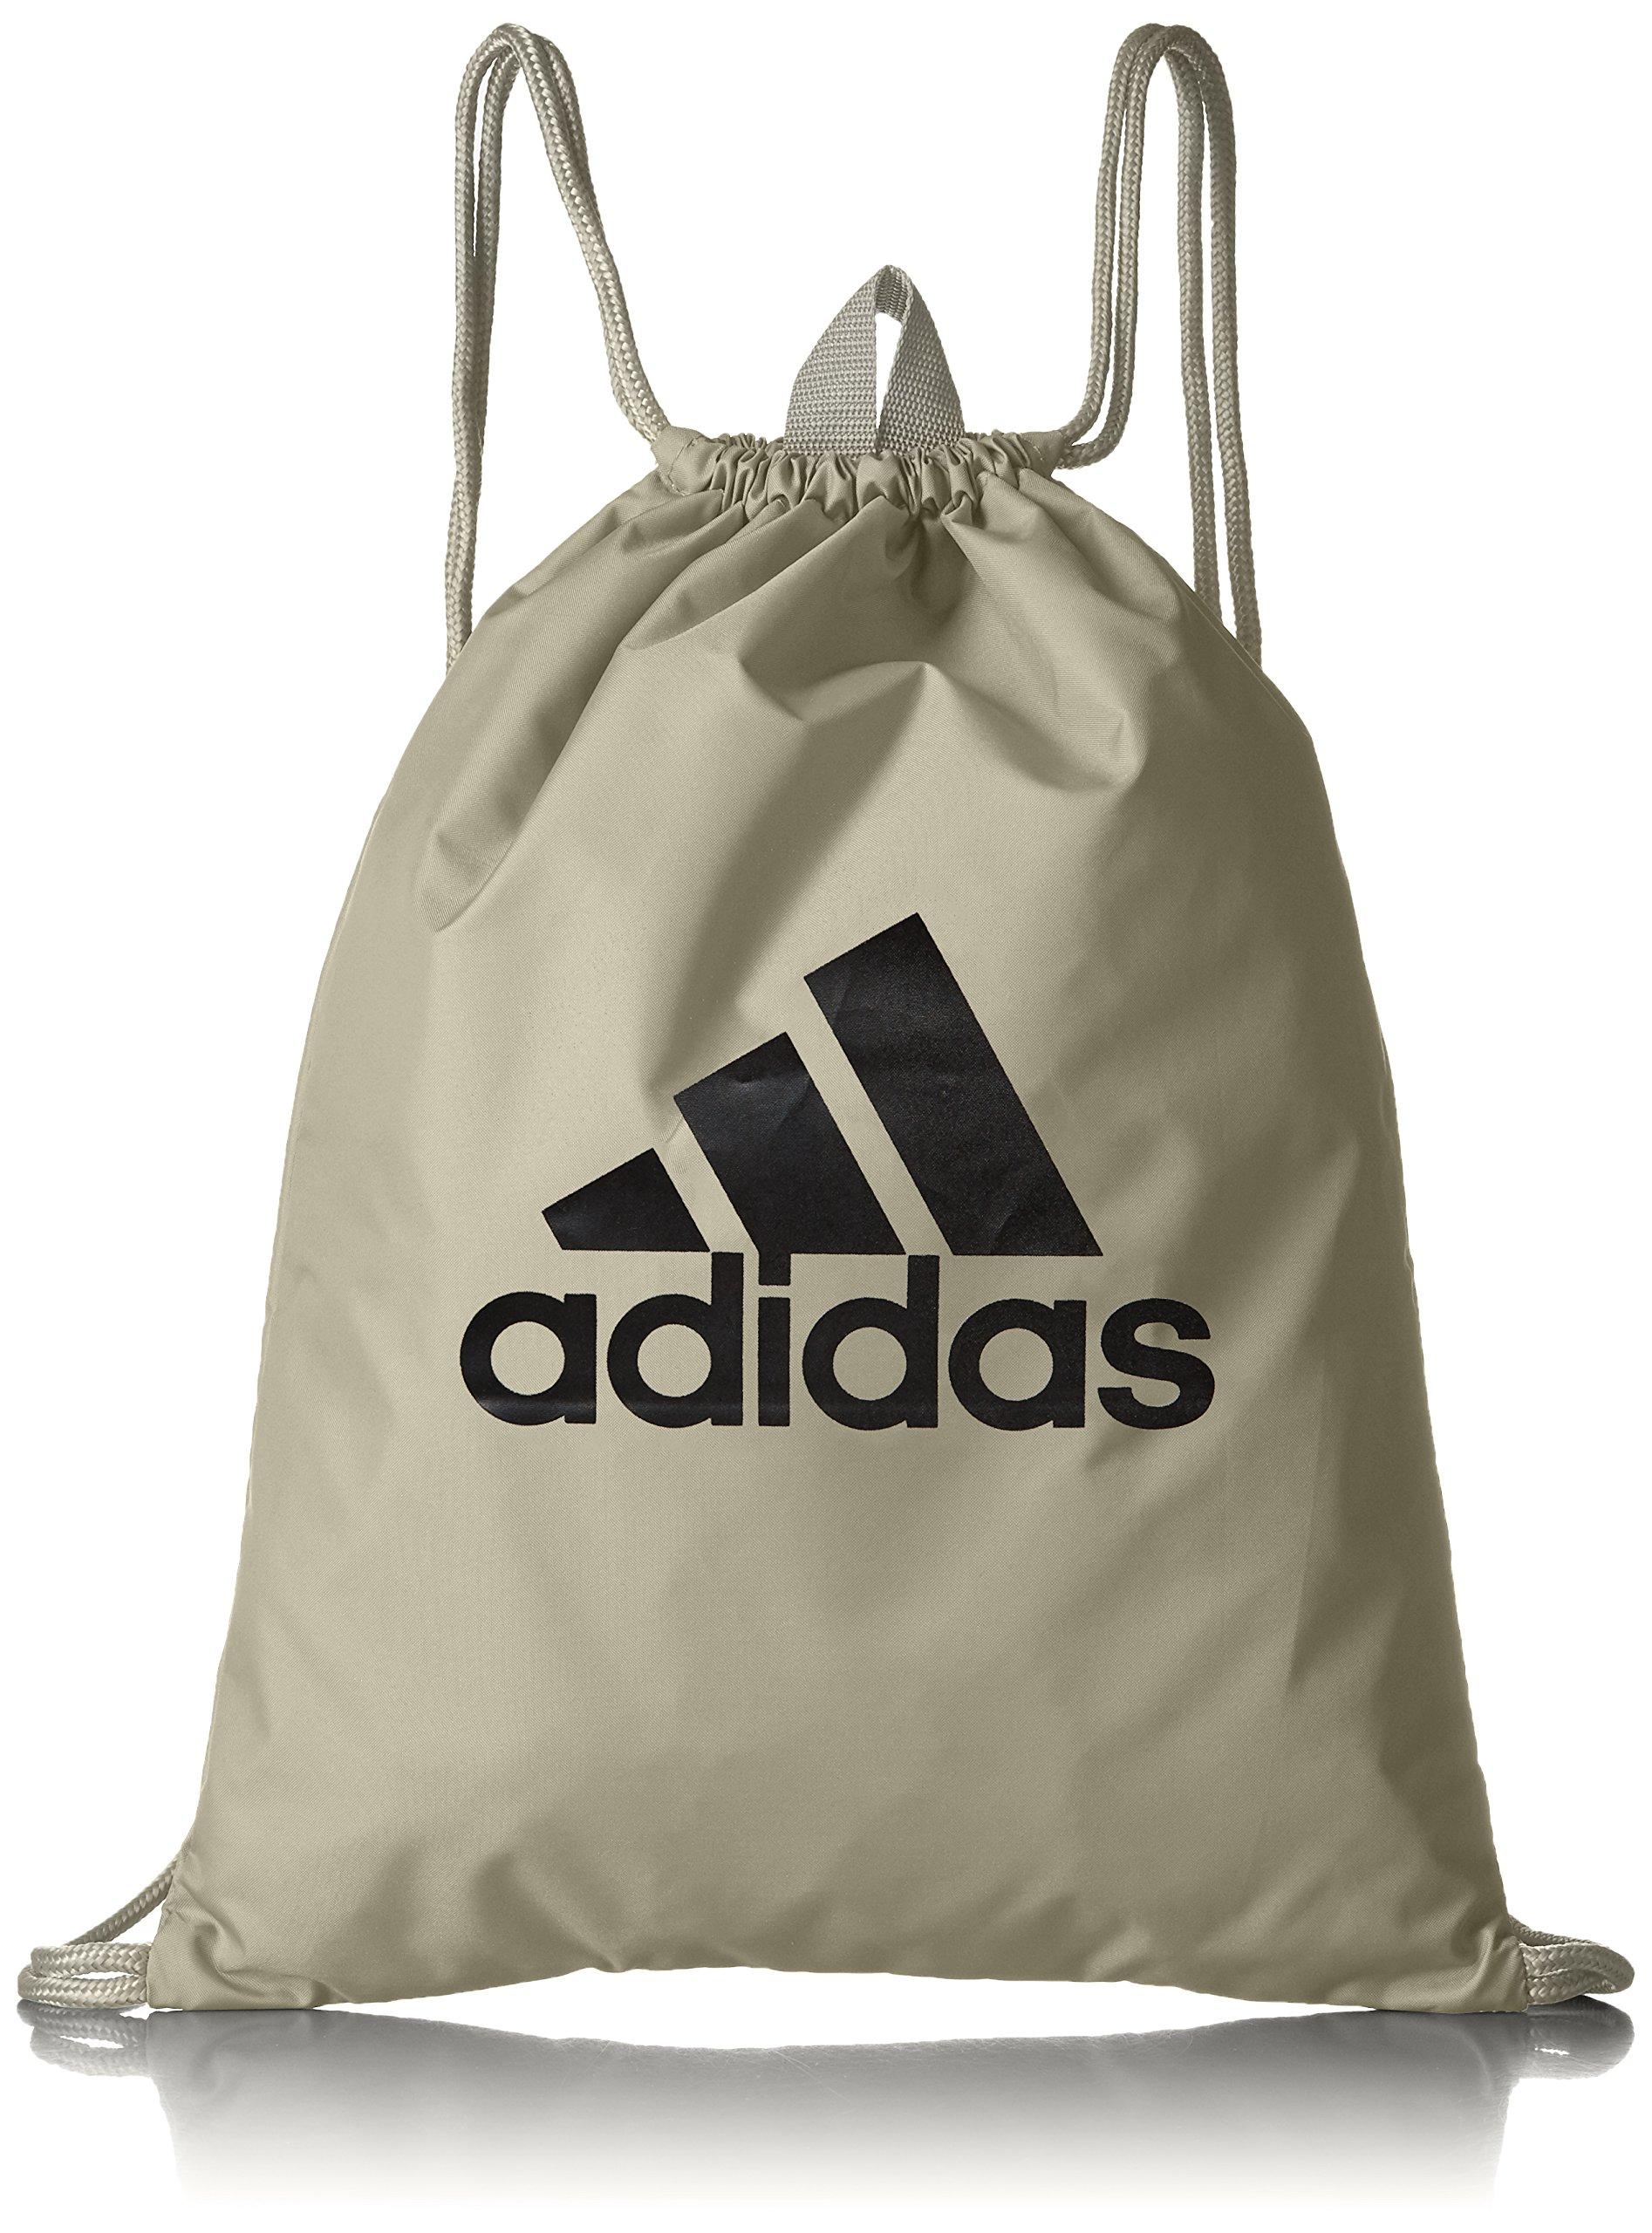 91 7UKLJslL - Adidas Per Logo GB, Mochila Unisex Adultos